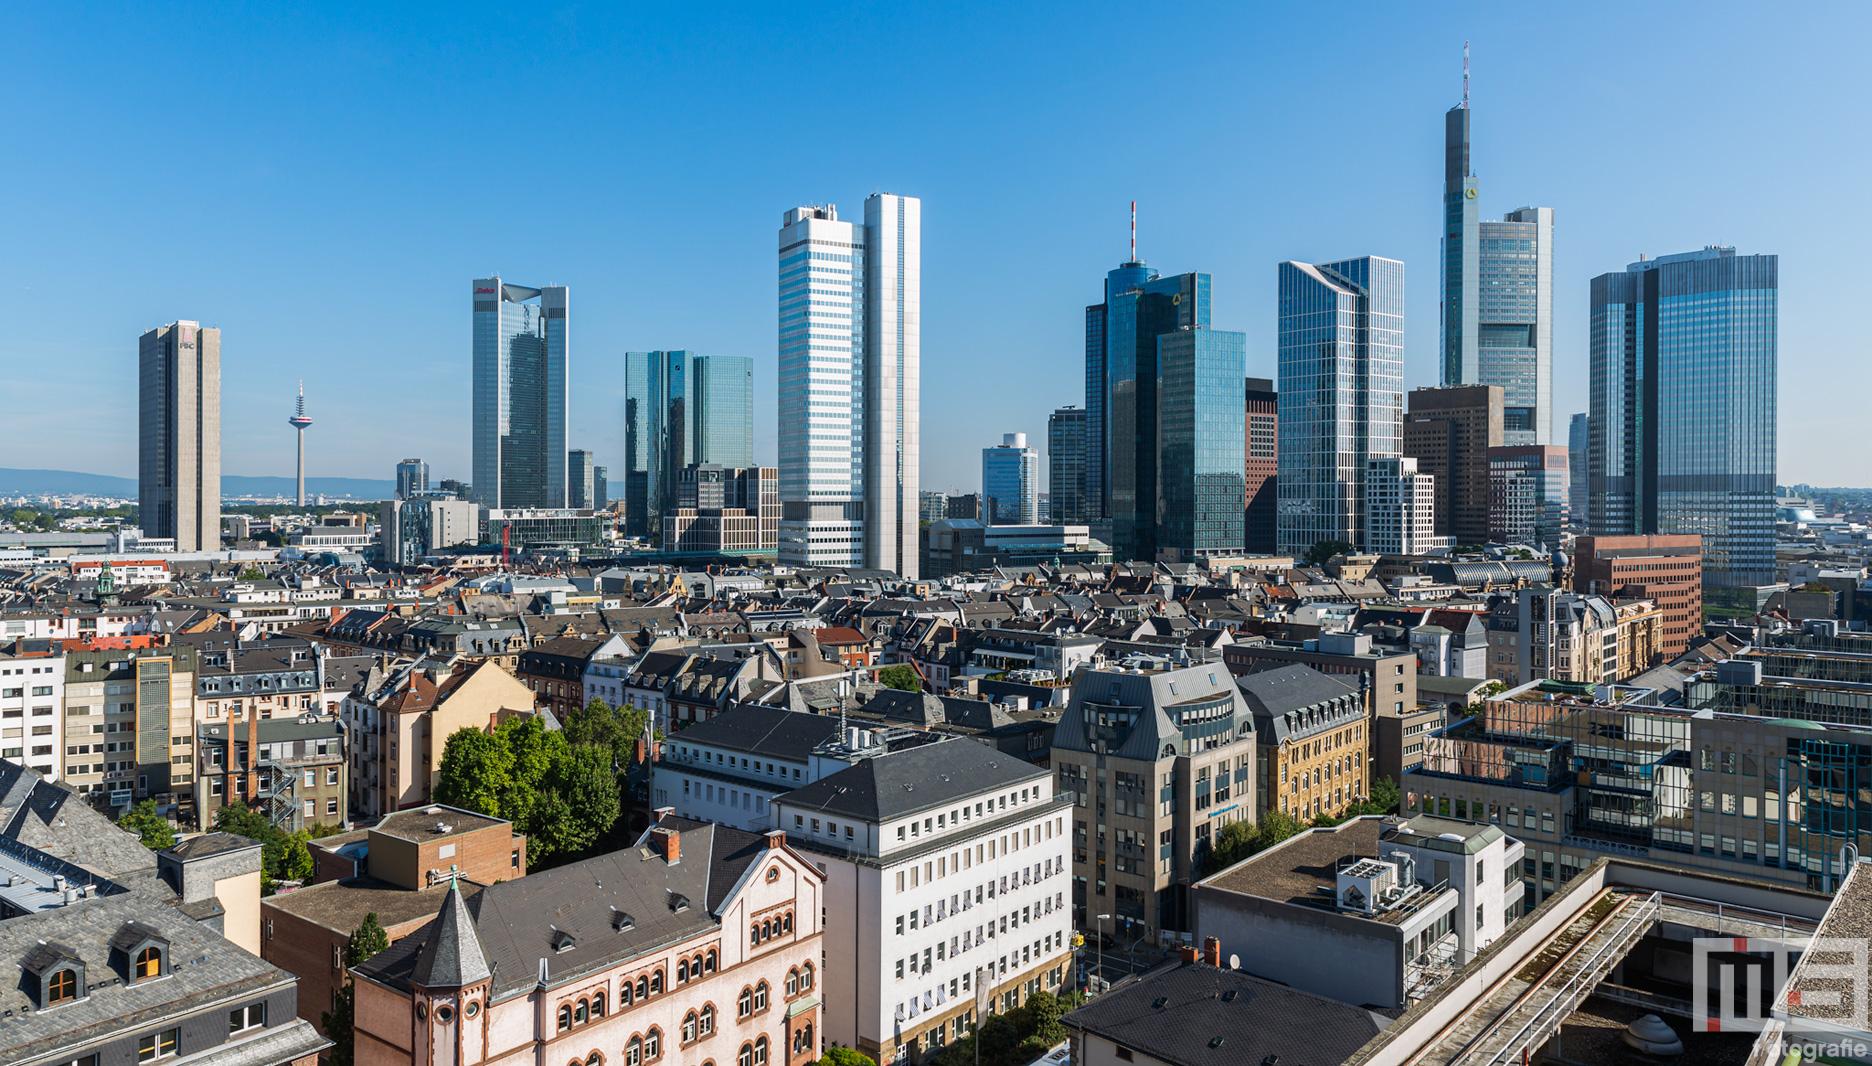 Fotoreis van MS Fotografie naar Frankfurt 2020 | Cover